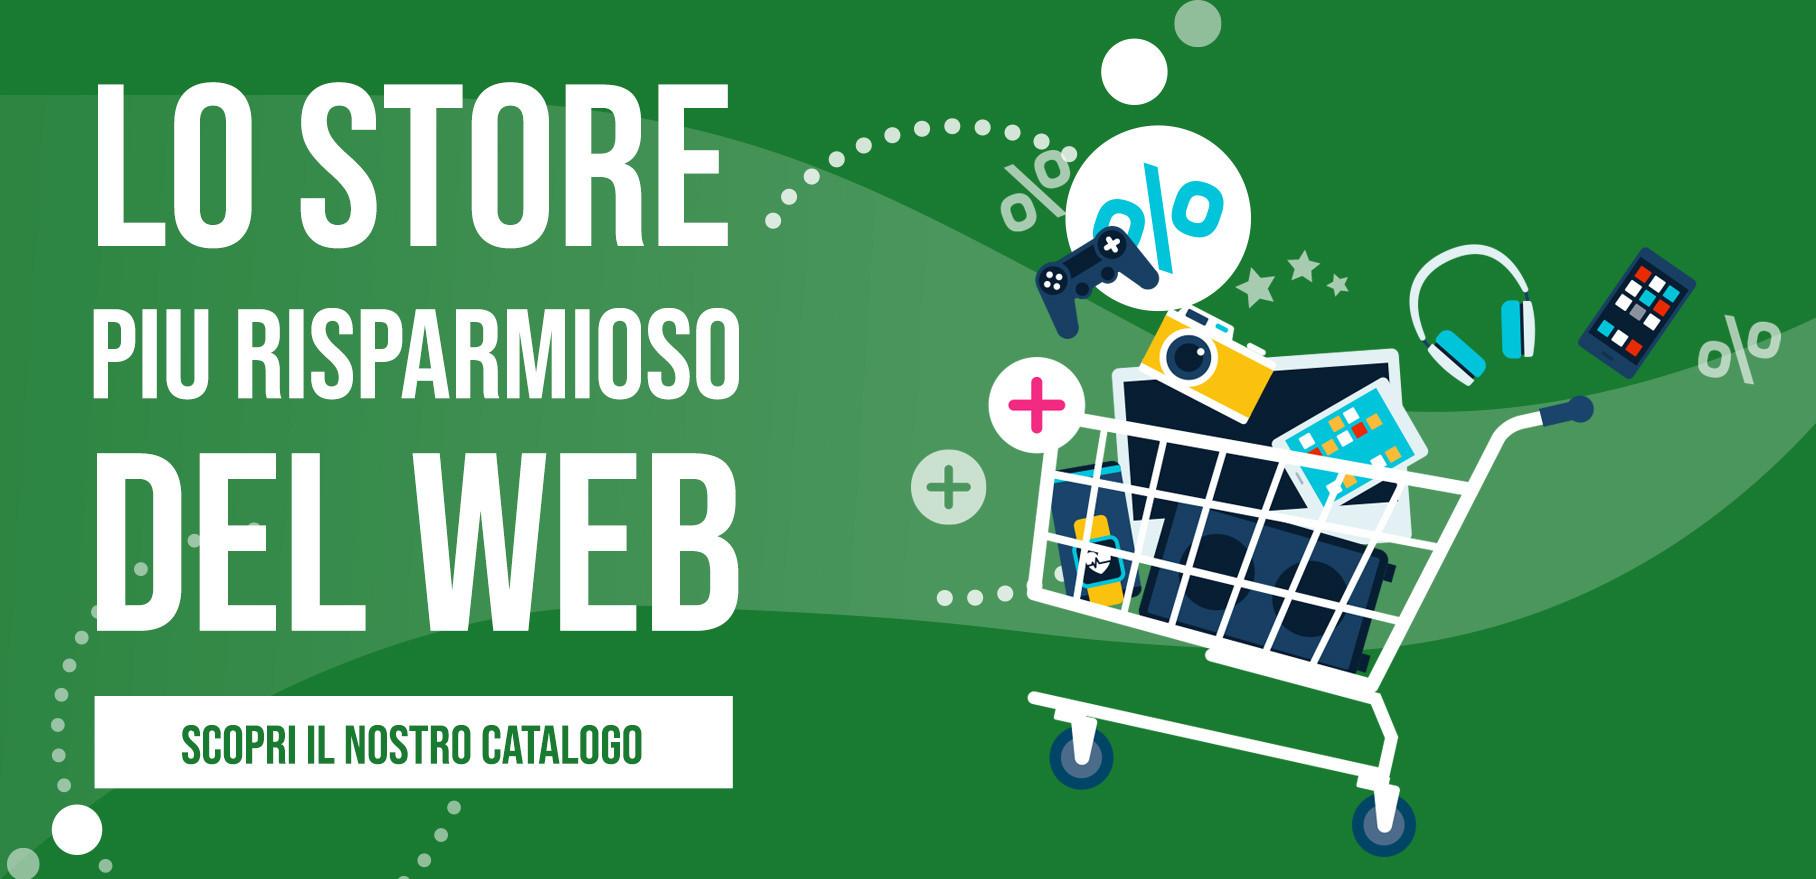 Lo store più risparmioso del web